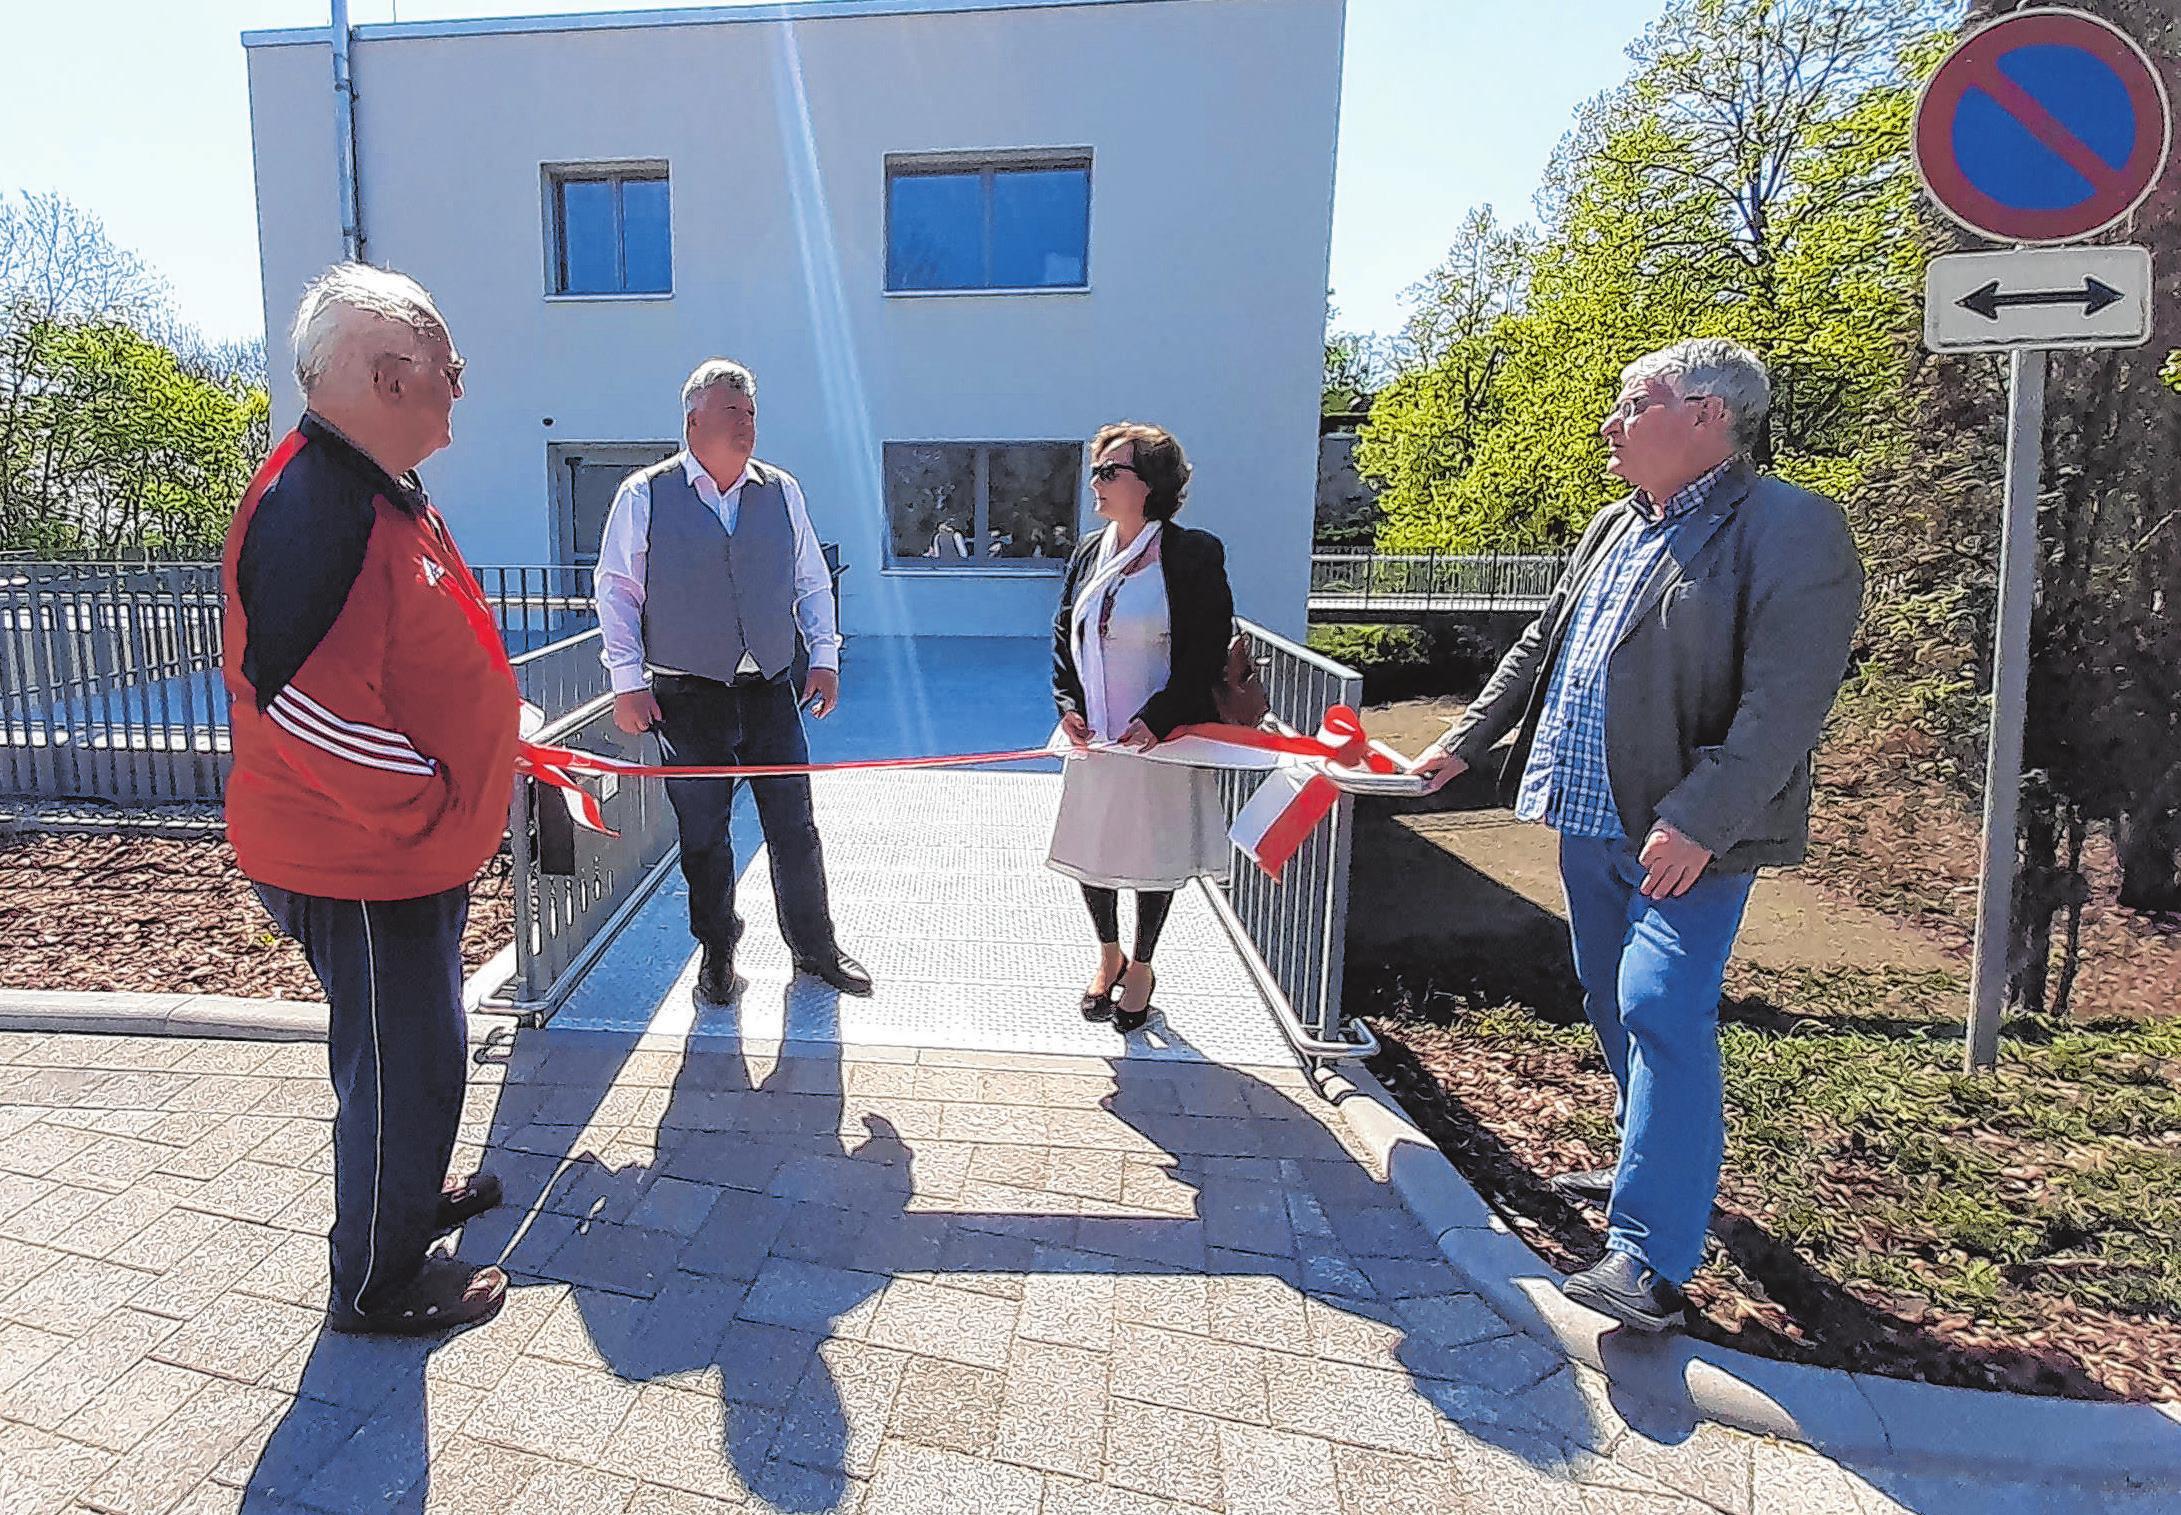 Mit dem Banddurchschnitt ist vor wenigen Tagen das Empfangsgebäude, das jetzt über einen barrierefreien Zugang verfügt, übergeben worden.